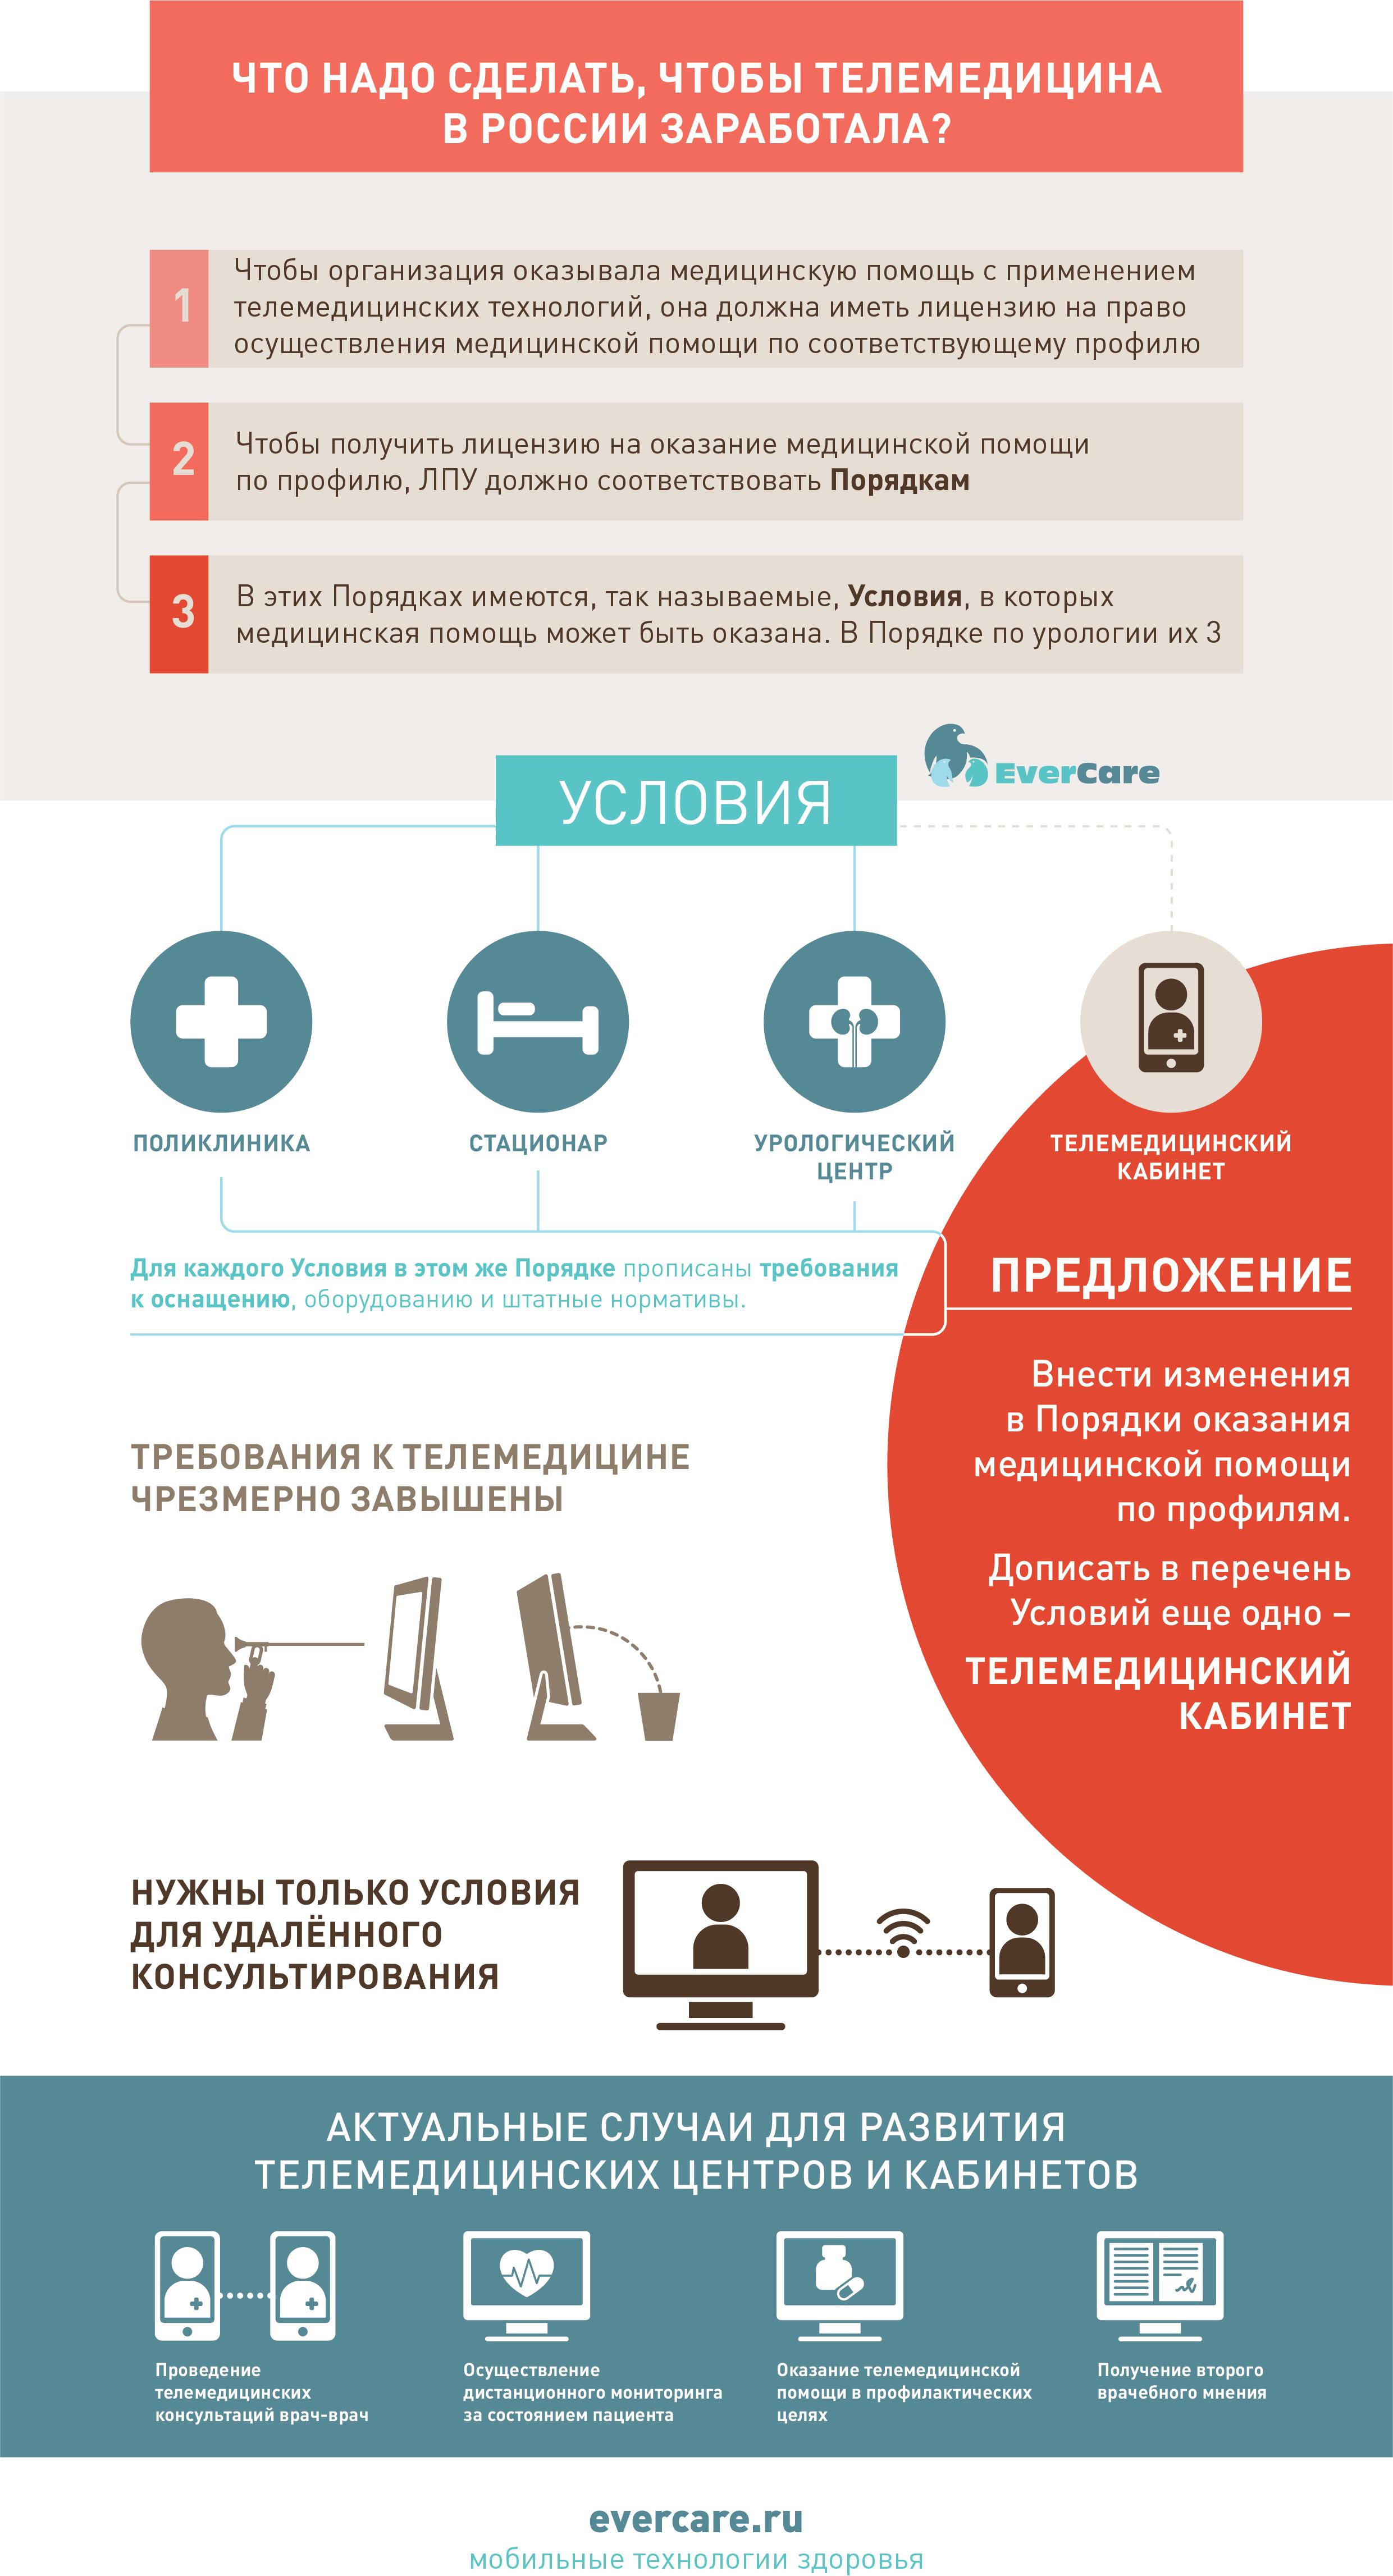 Что надо сделать, чтобы телемедицина в России заработала? [2]